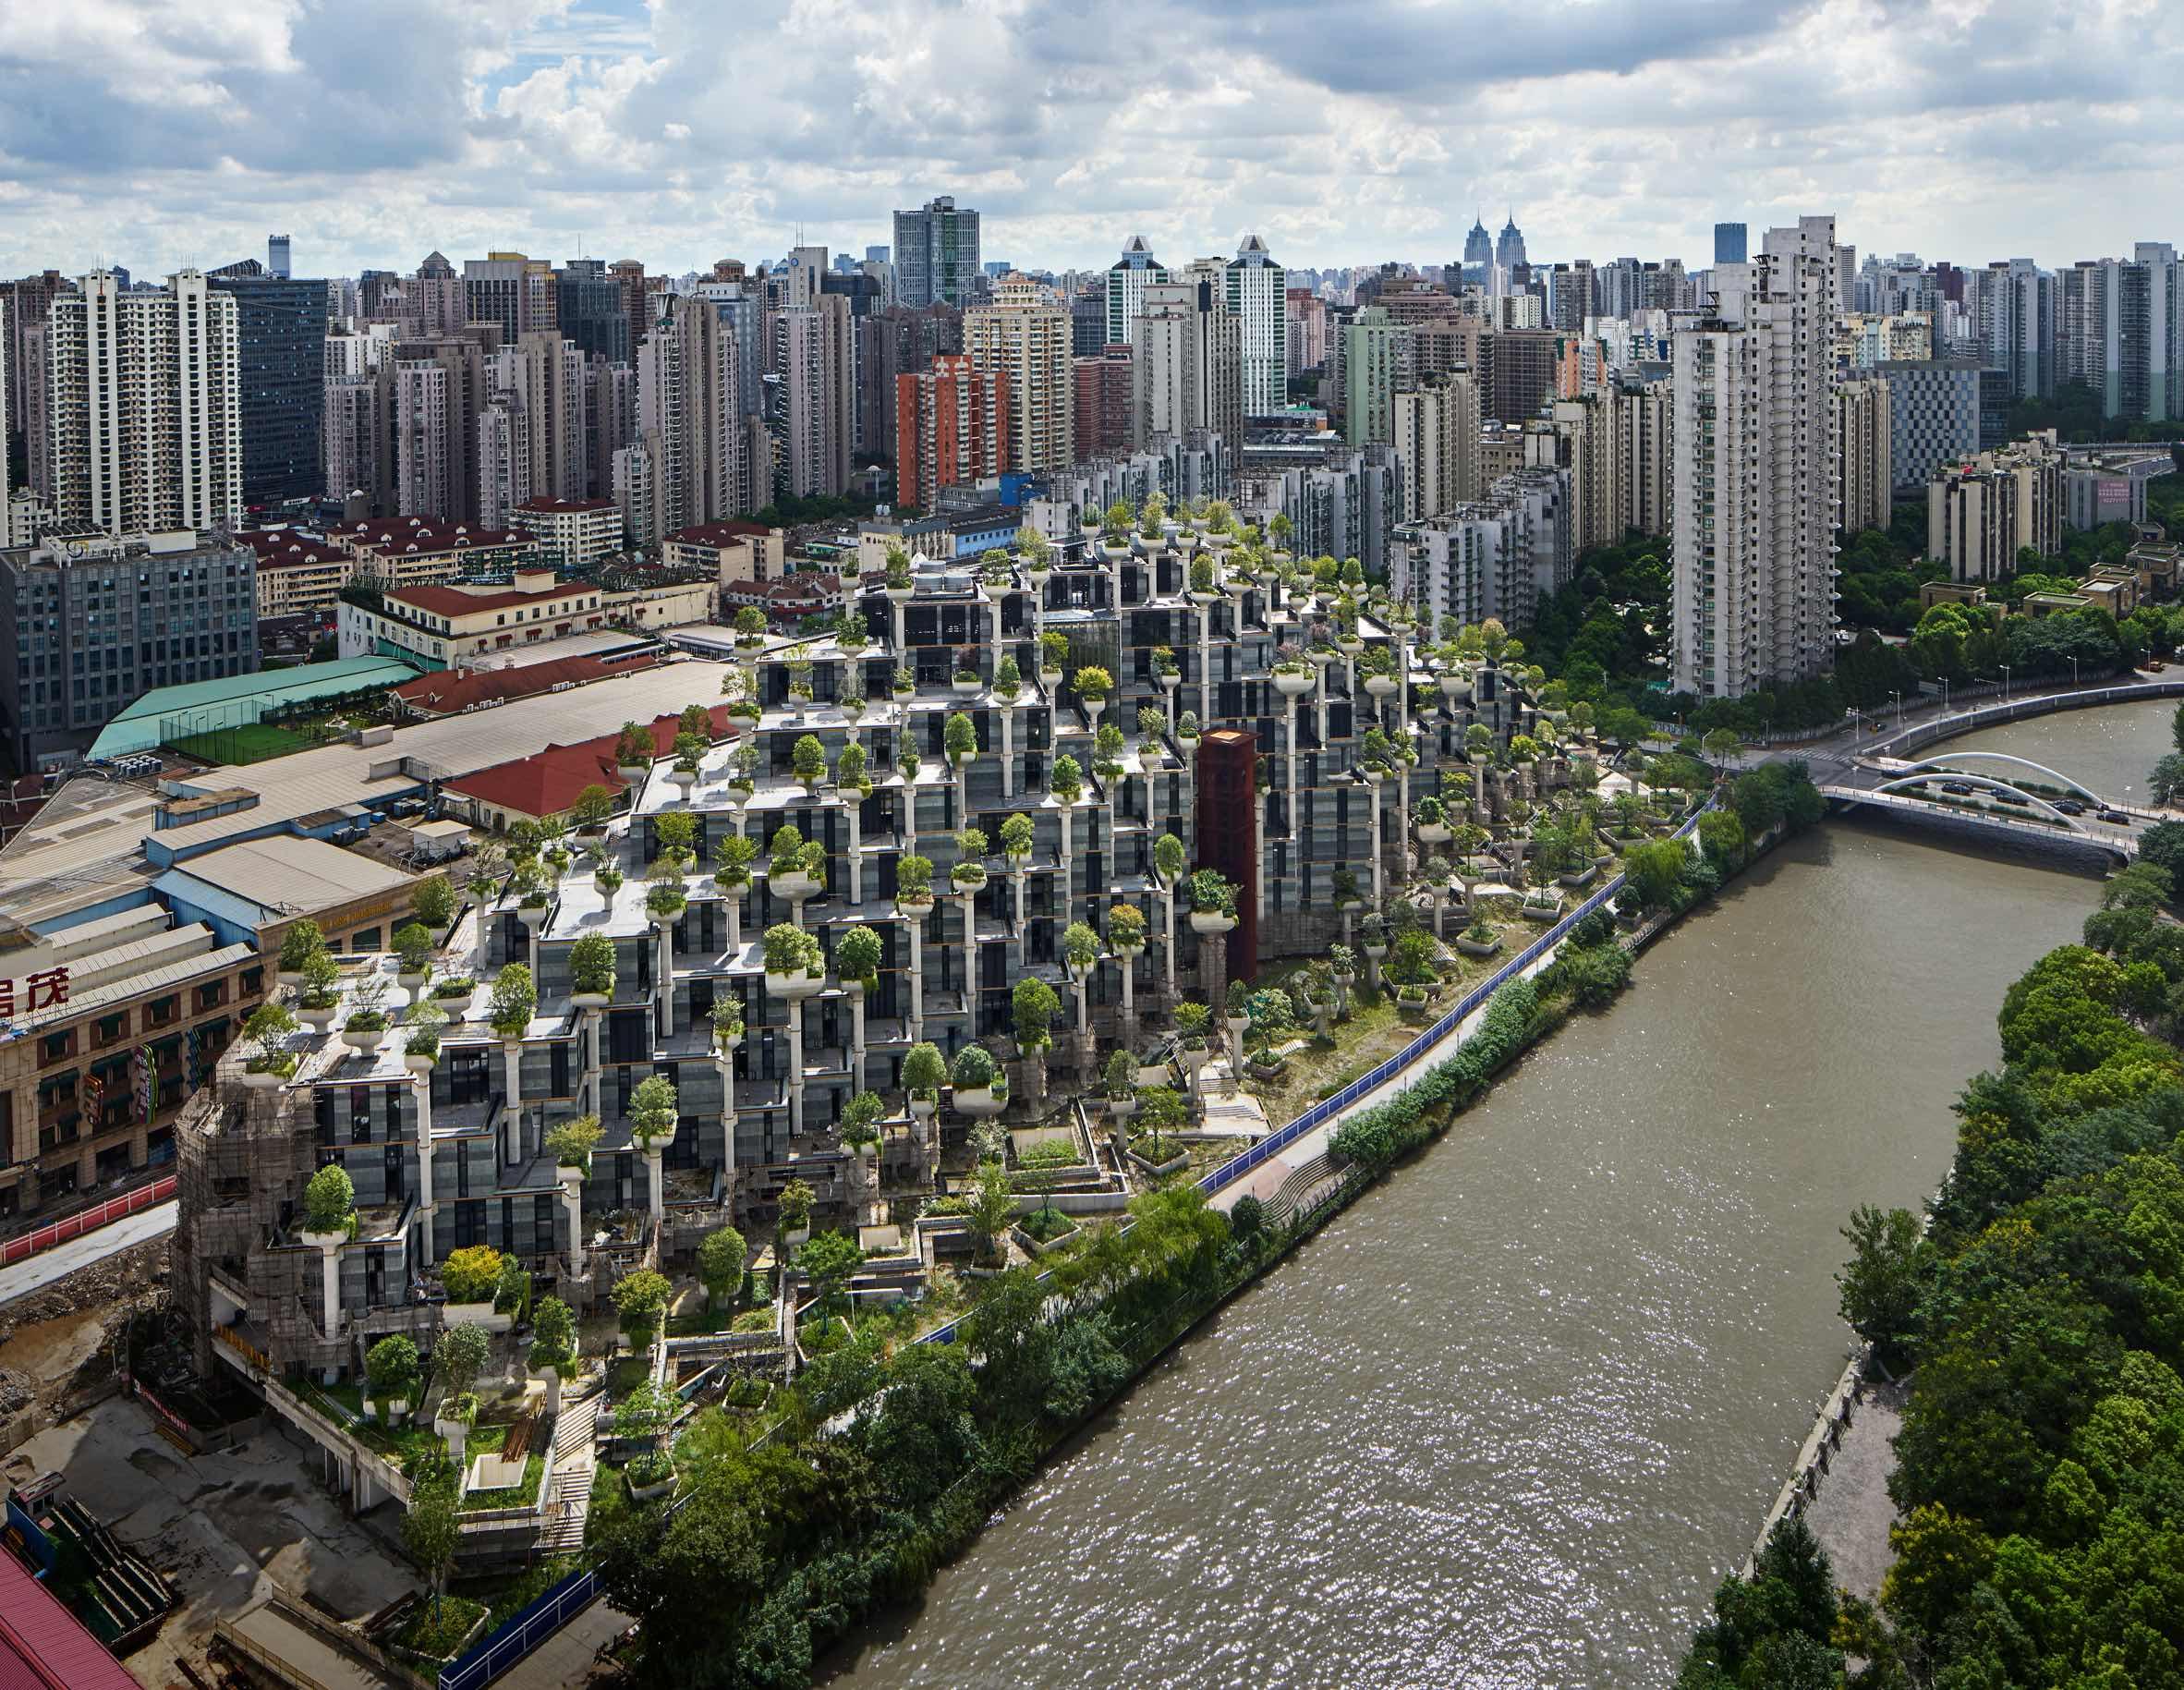 1000 Trees in Shanghai